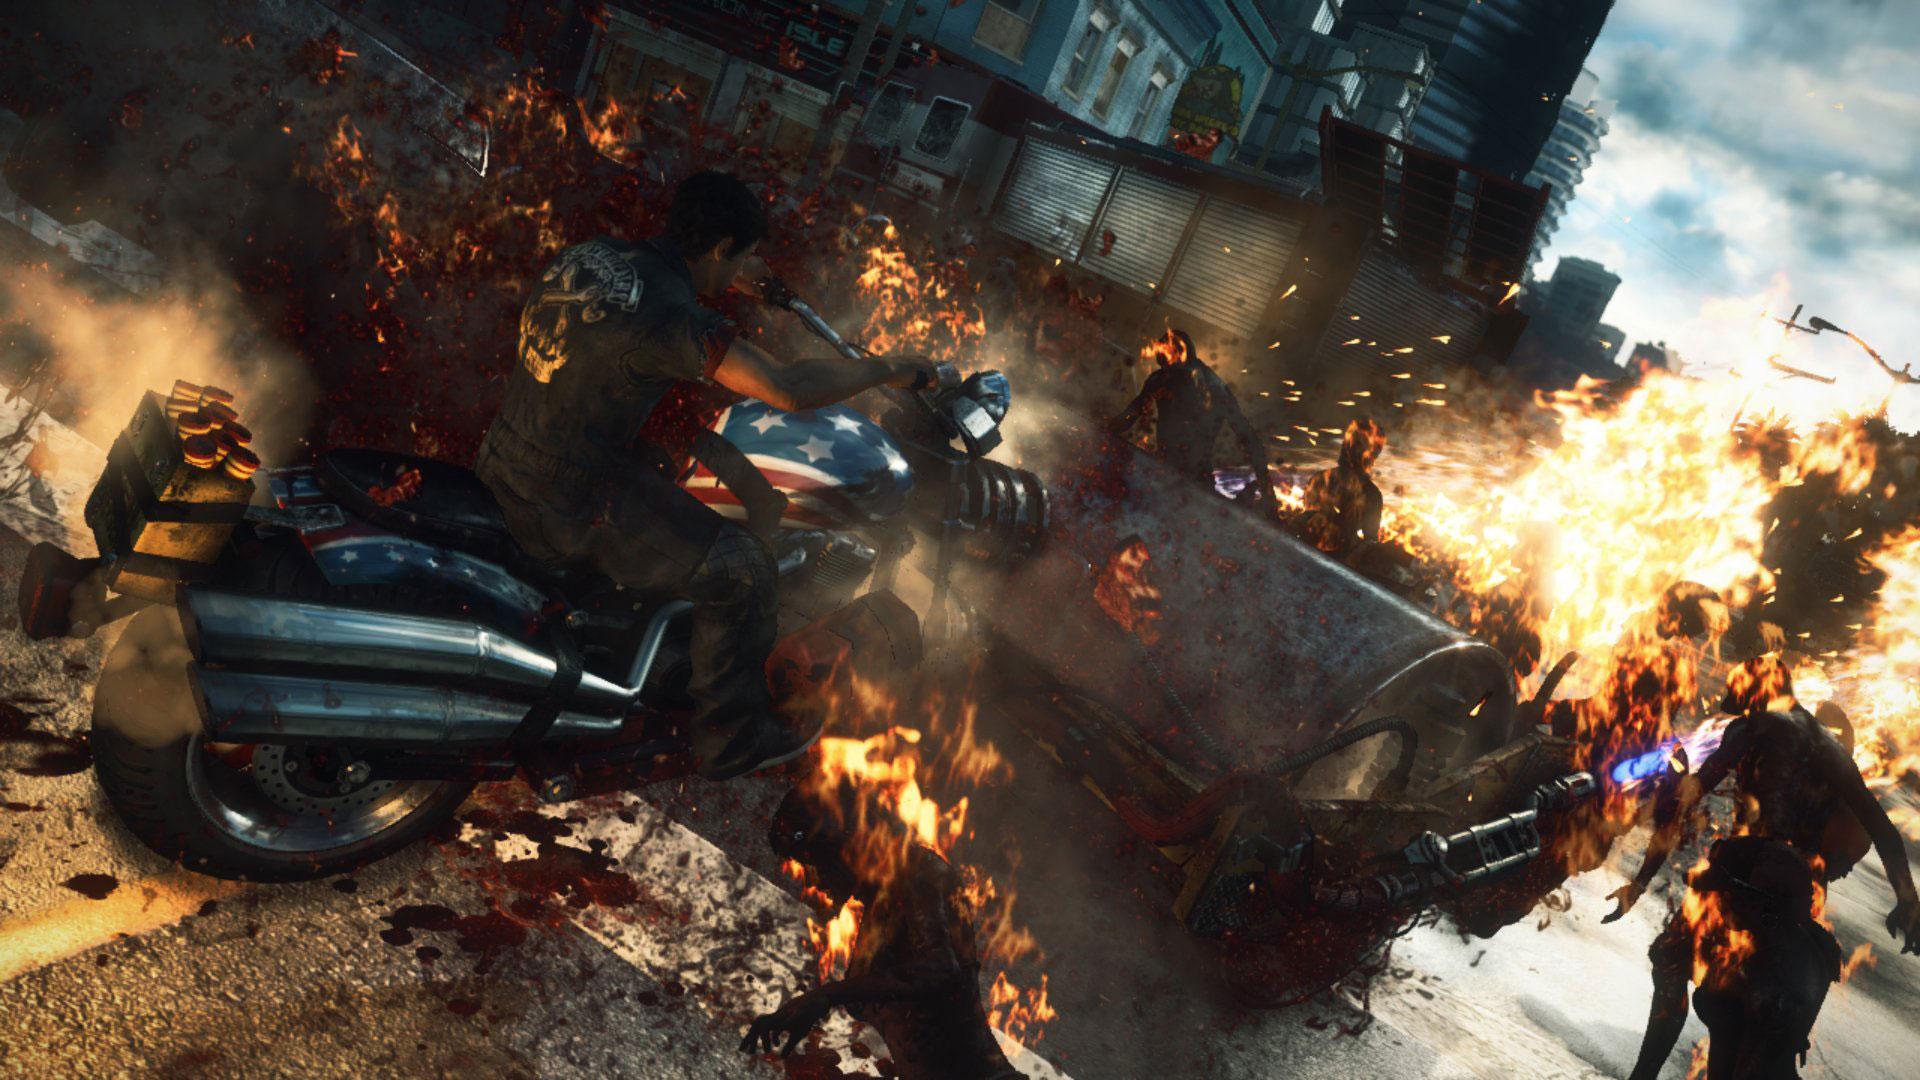 丧尸围城3最新游戏截图 XboxOne的独占神话